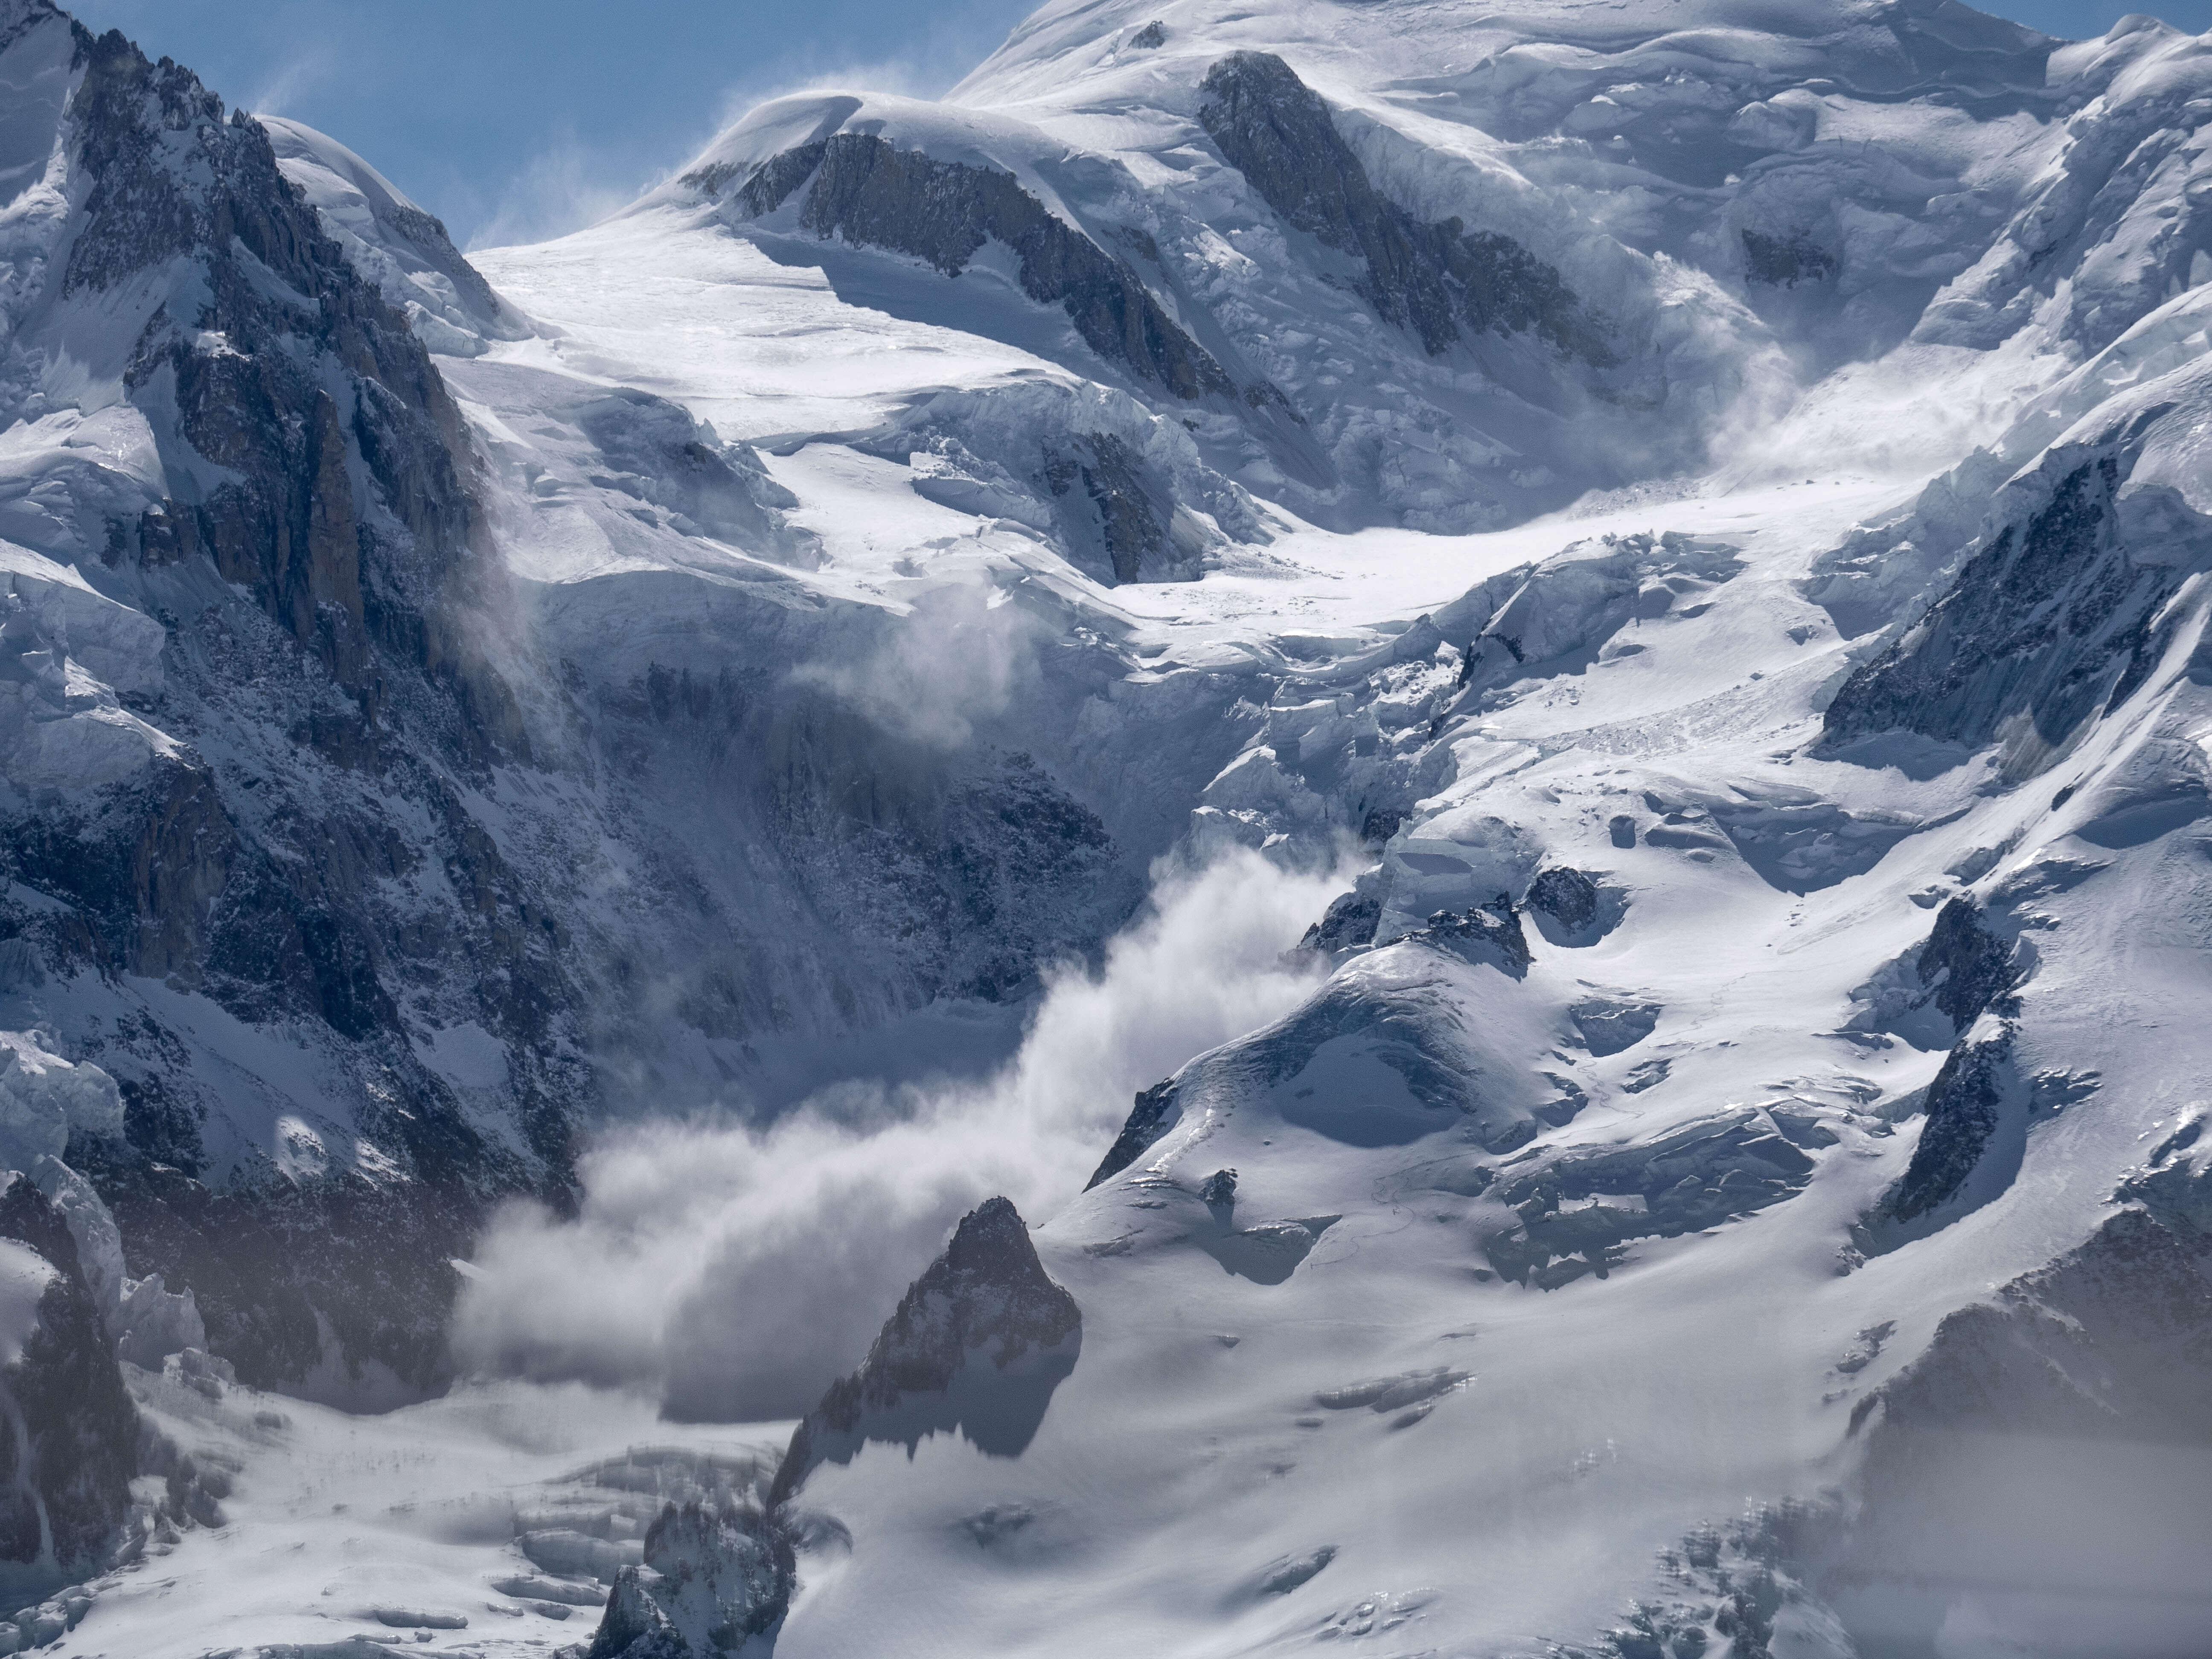 Image d'une avalanche emportant tout sur son passage, que faire dans ce cas ?